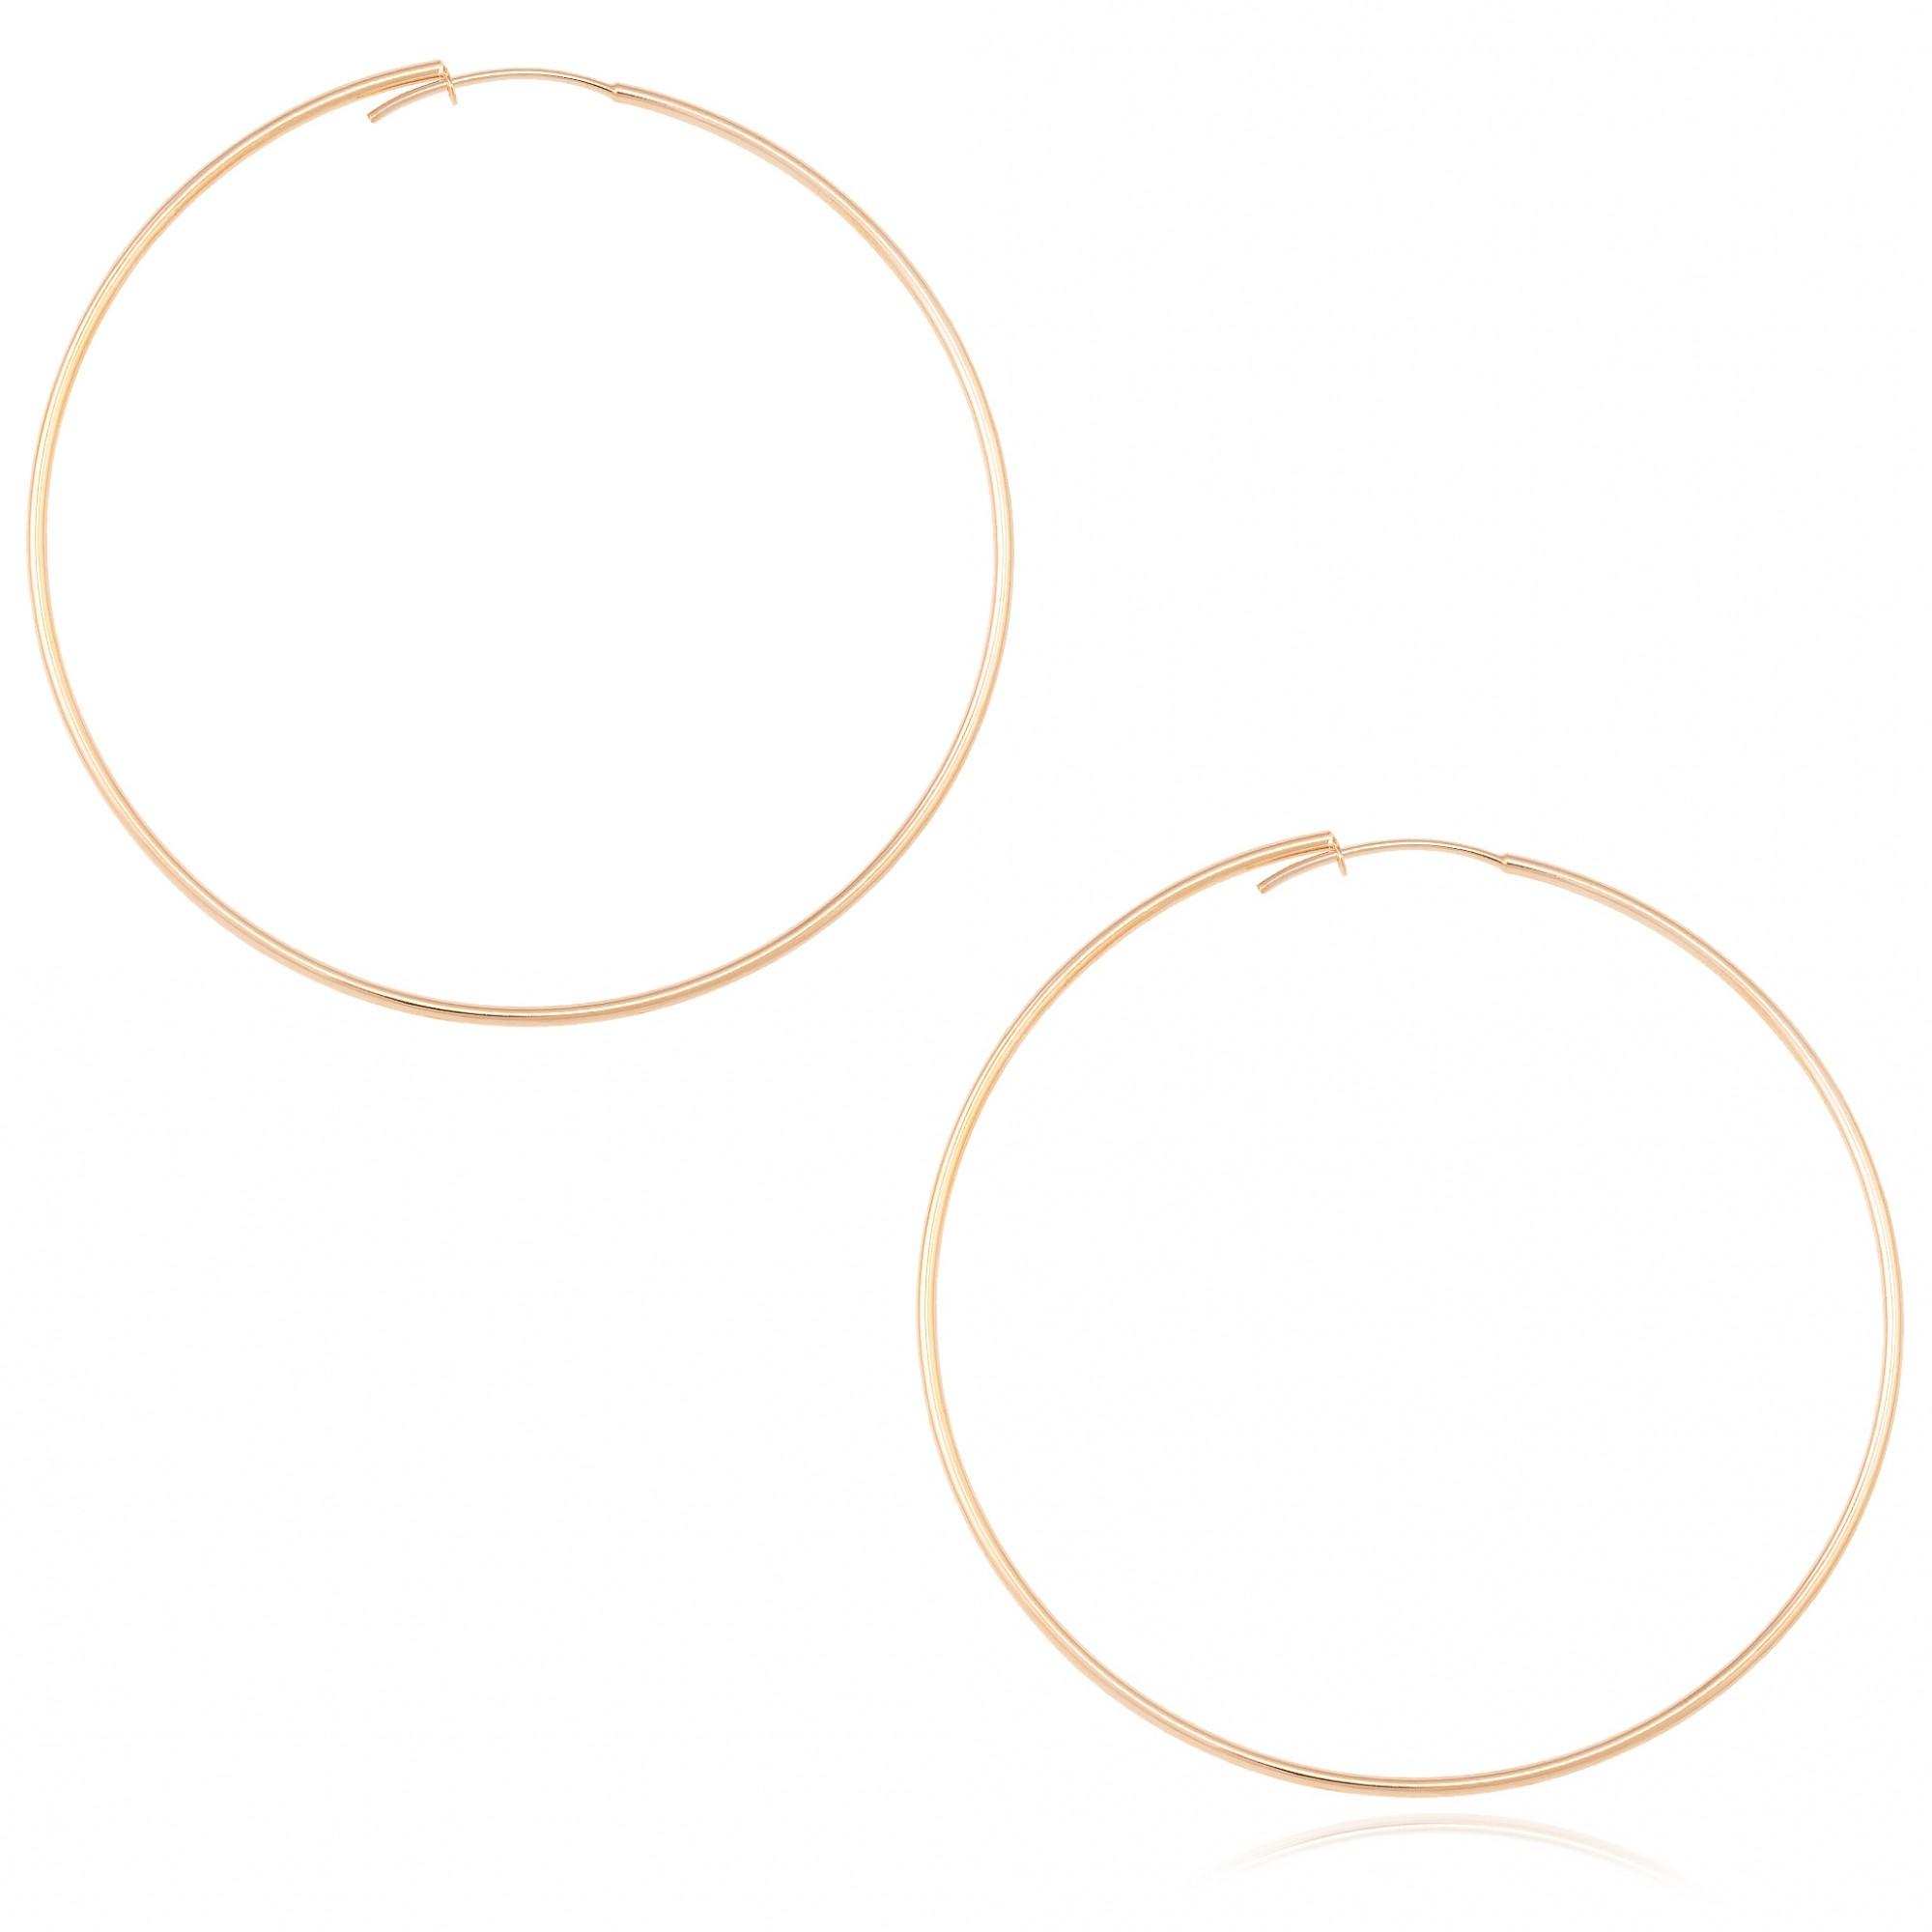 Brinco argola lisa 7 cm banhado a ouro 18k.  - bfdecor.com.br